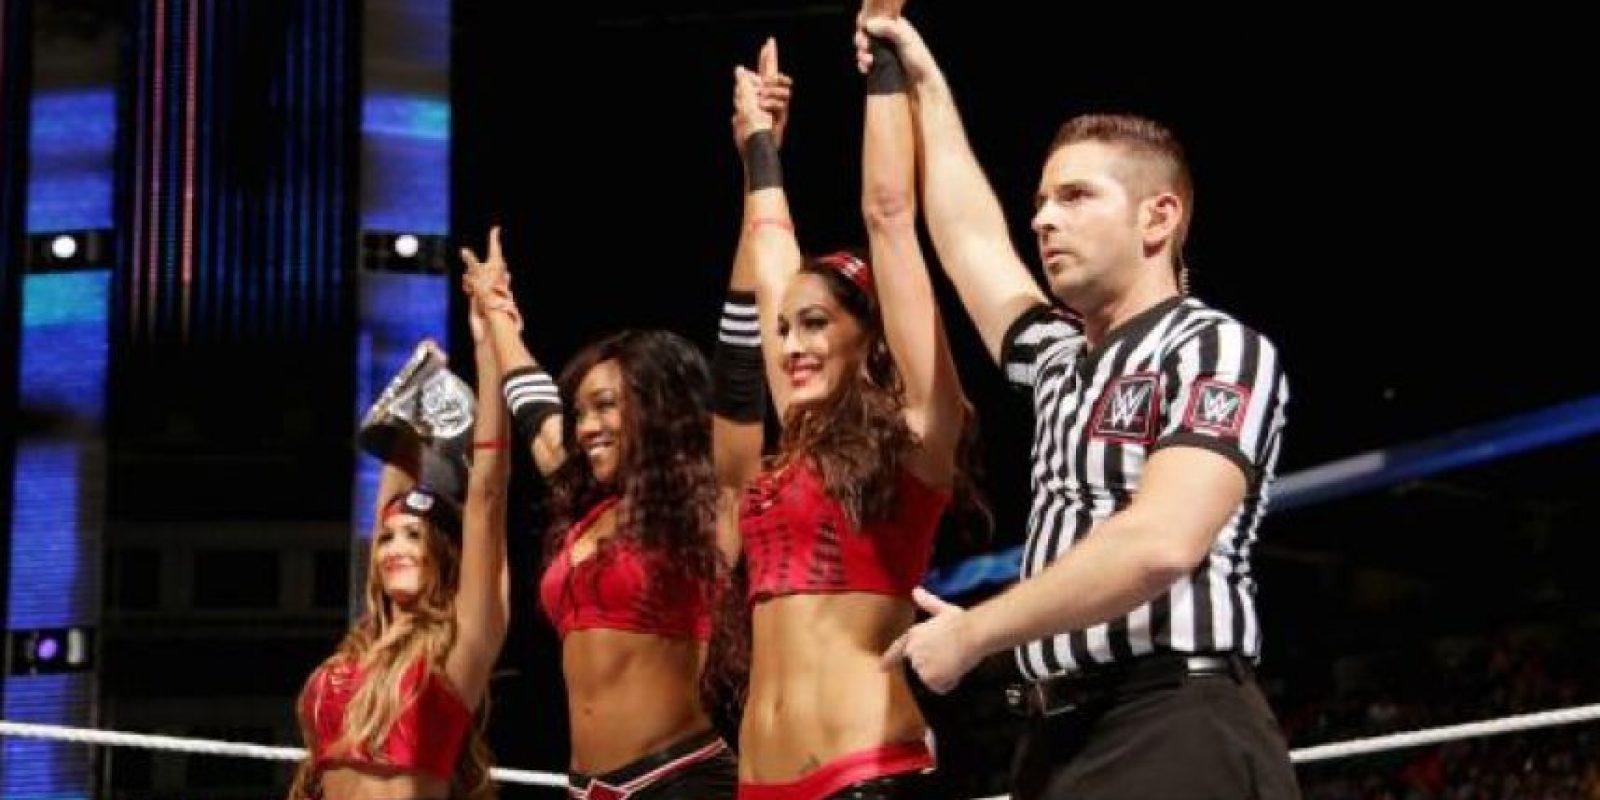 La campeona Nikki Bella está protegida por su hermana Brie Foto:WWE